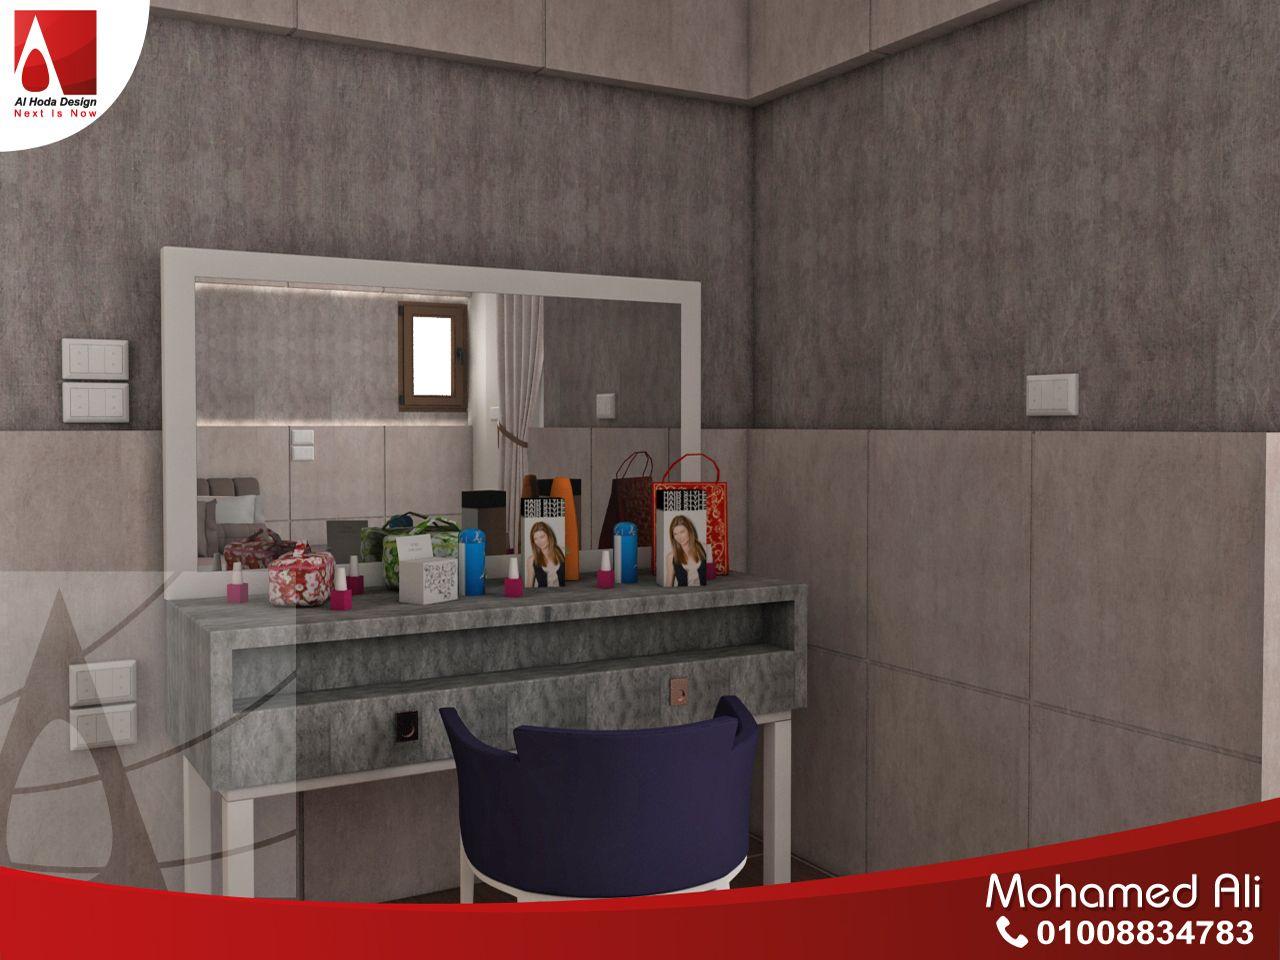 تسريحة غرفة النوم الرئيسية Bathroom Bathtub Mohammed Ali